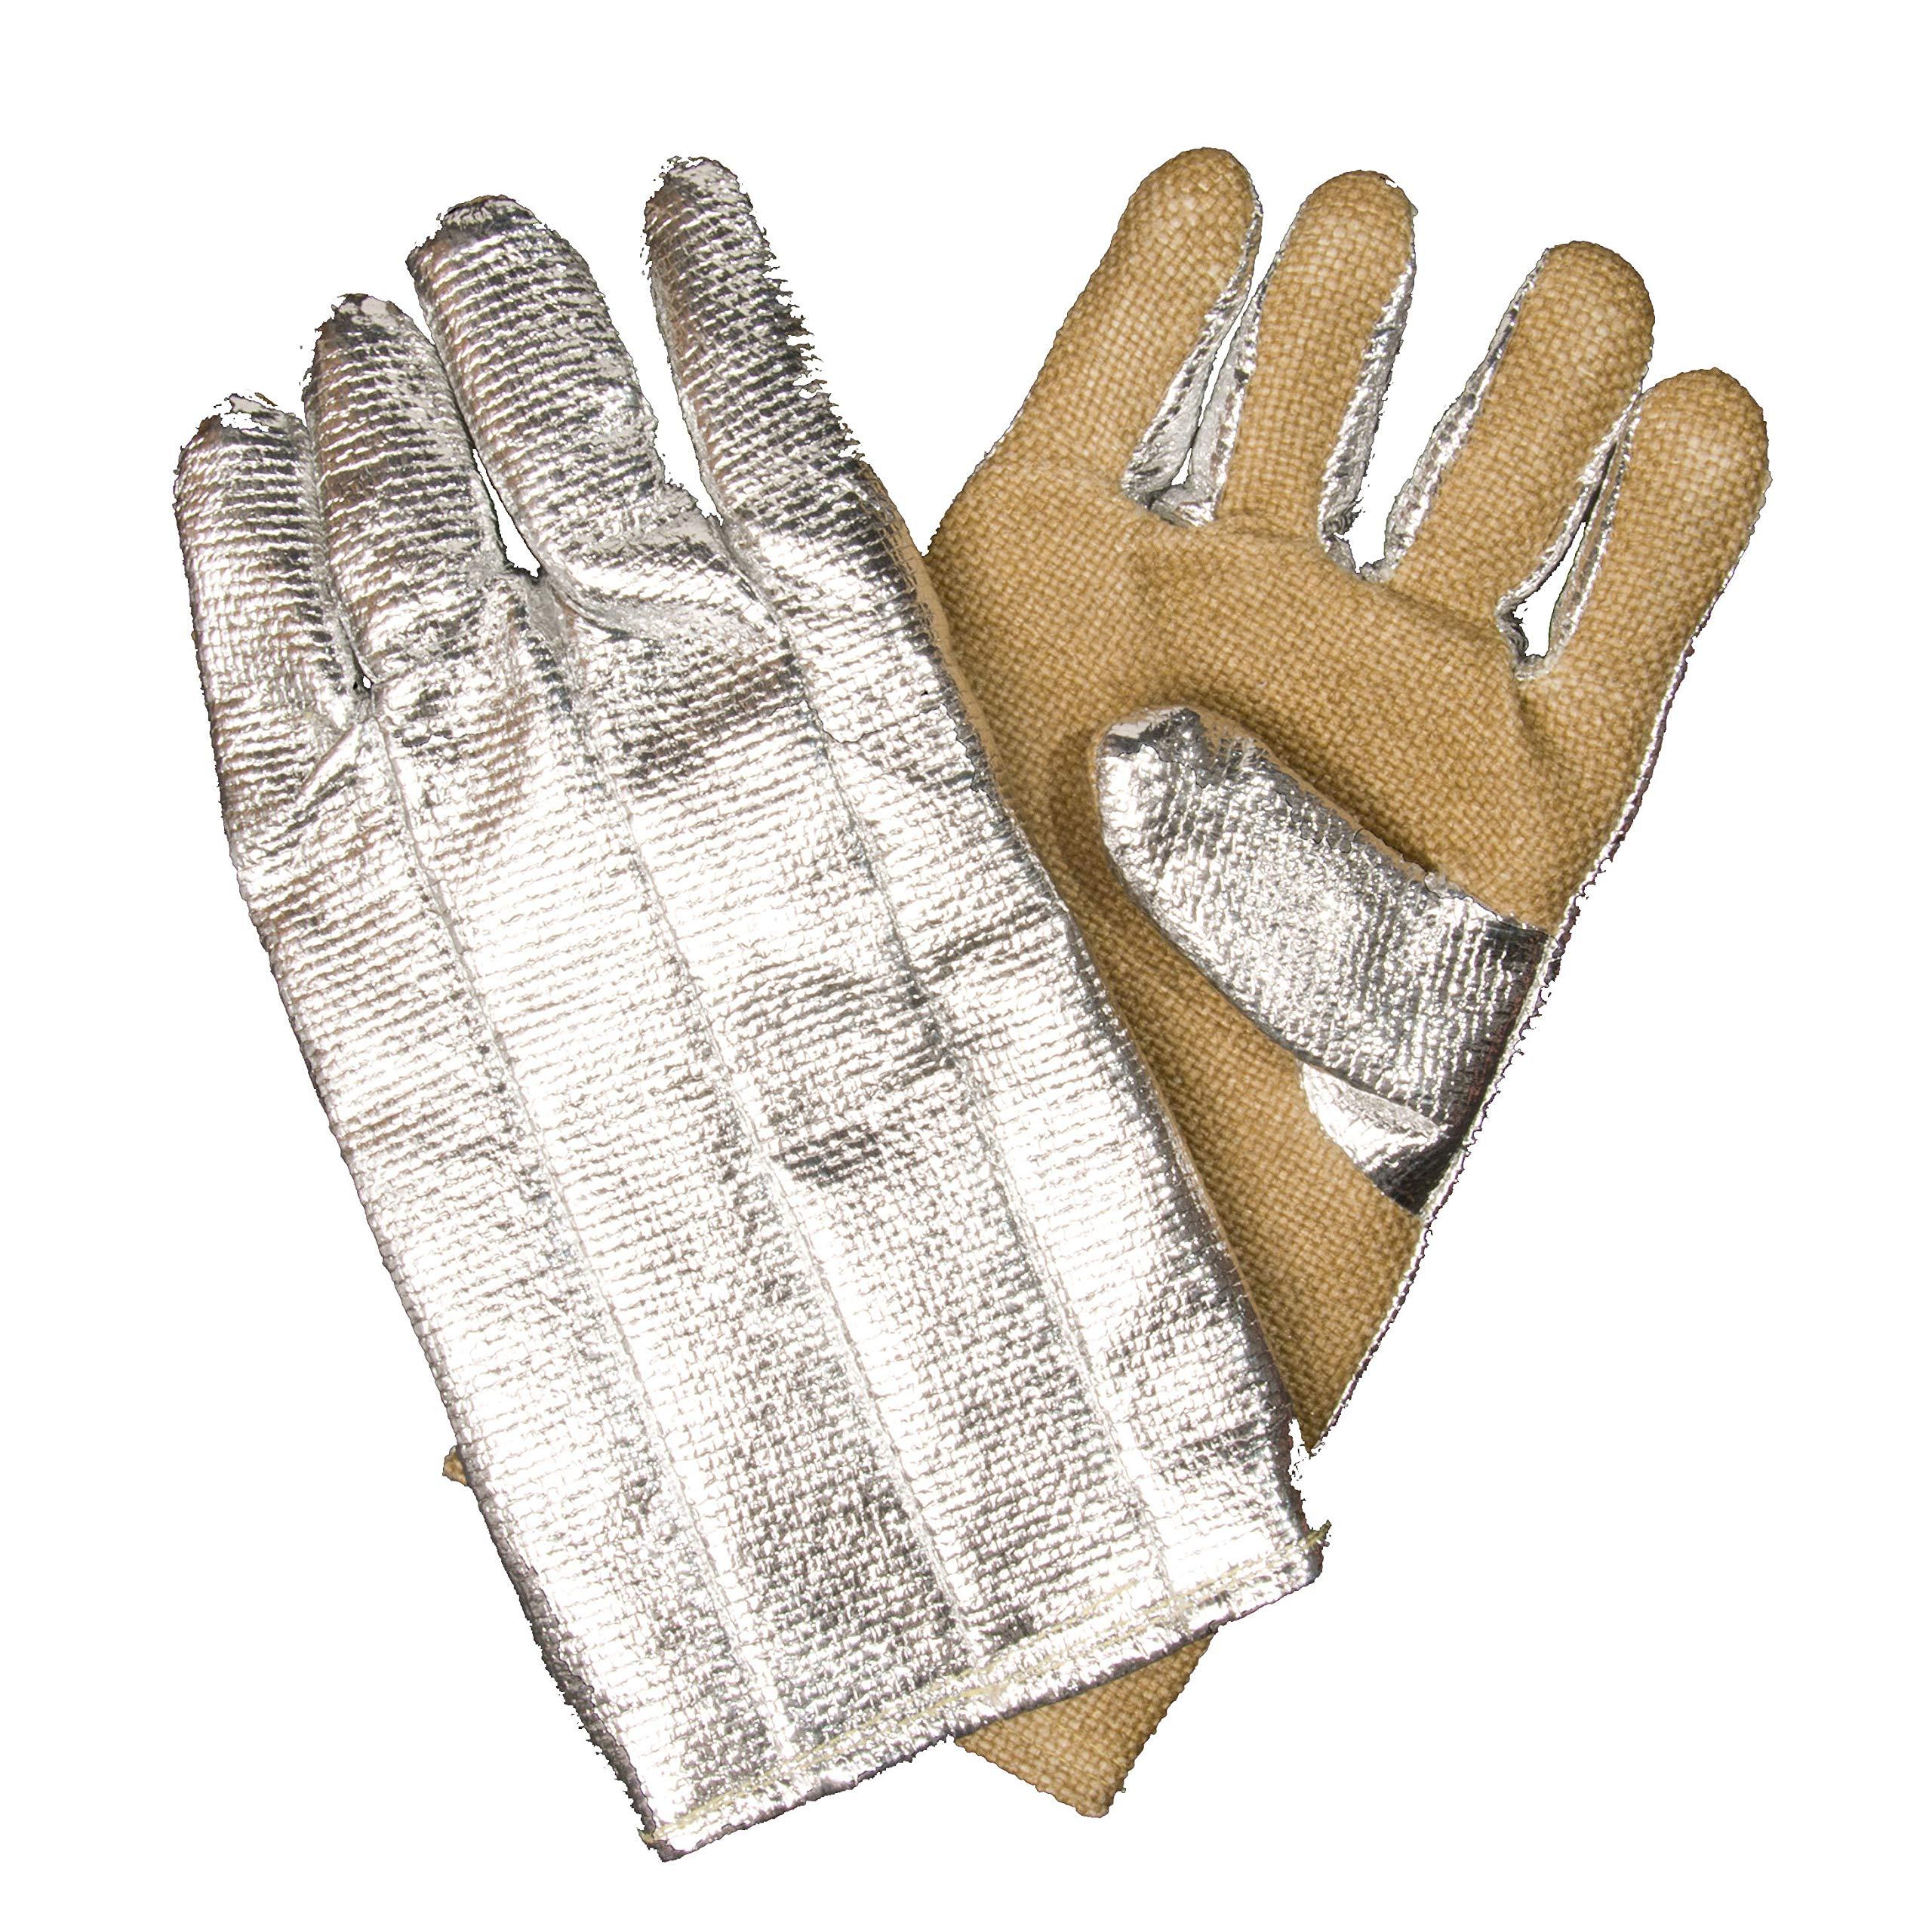 Newtex Fireplace Gloves by Newtex